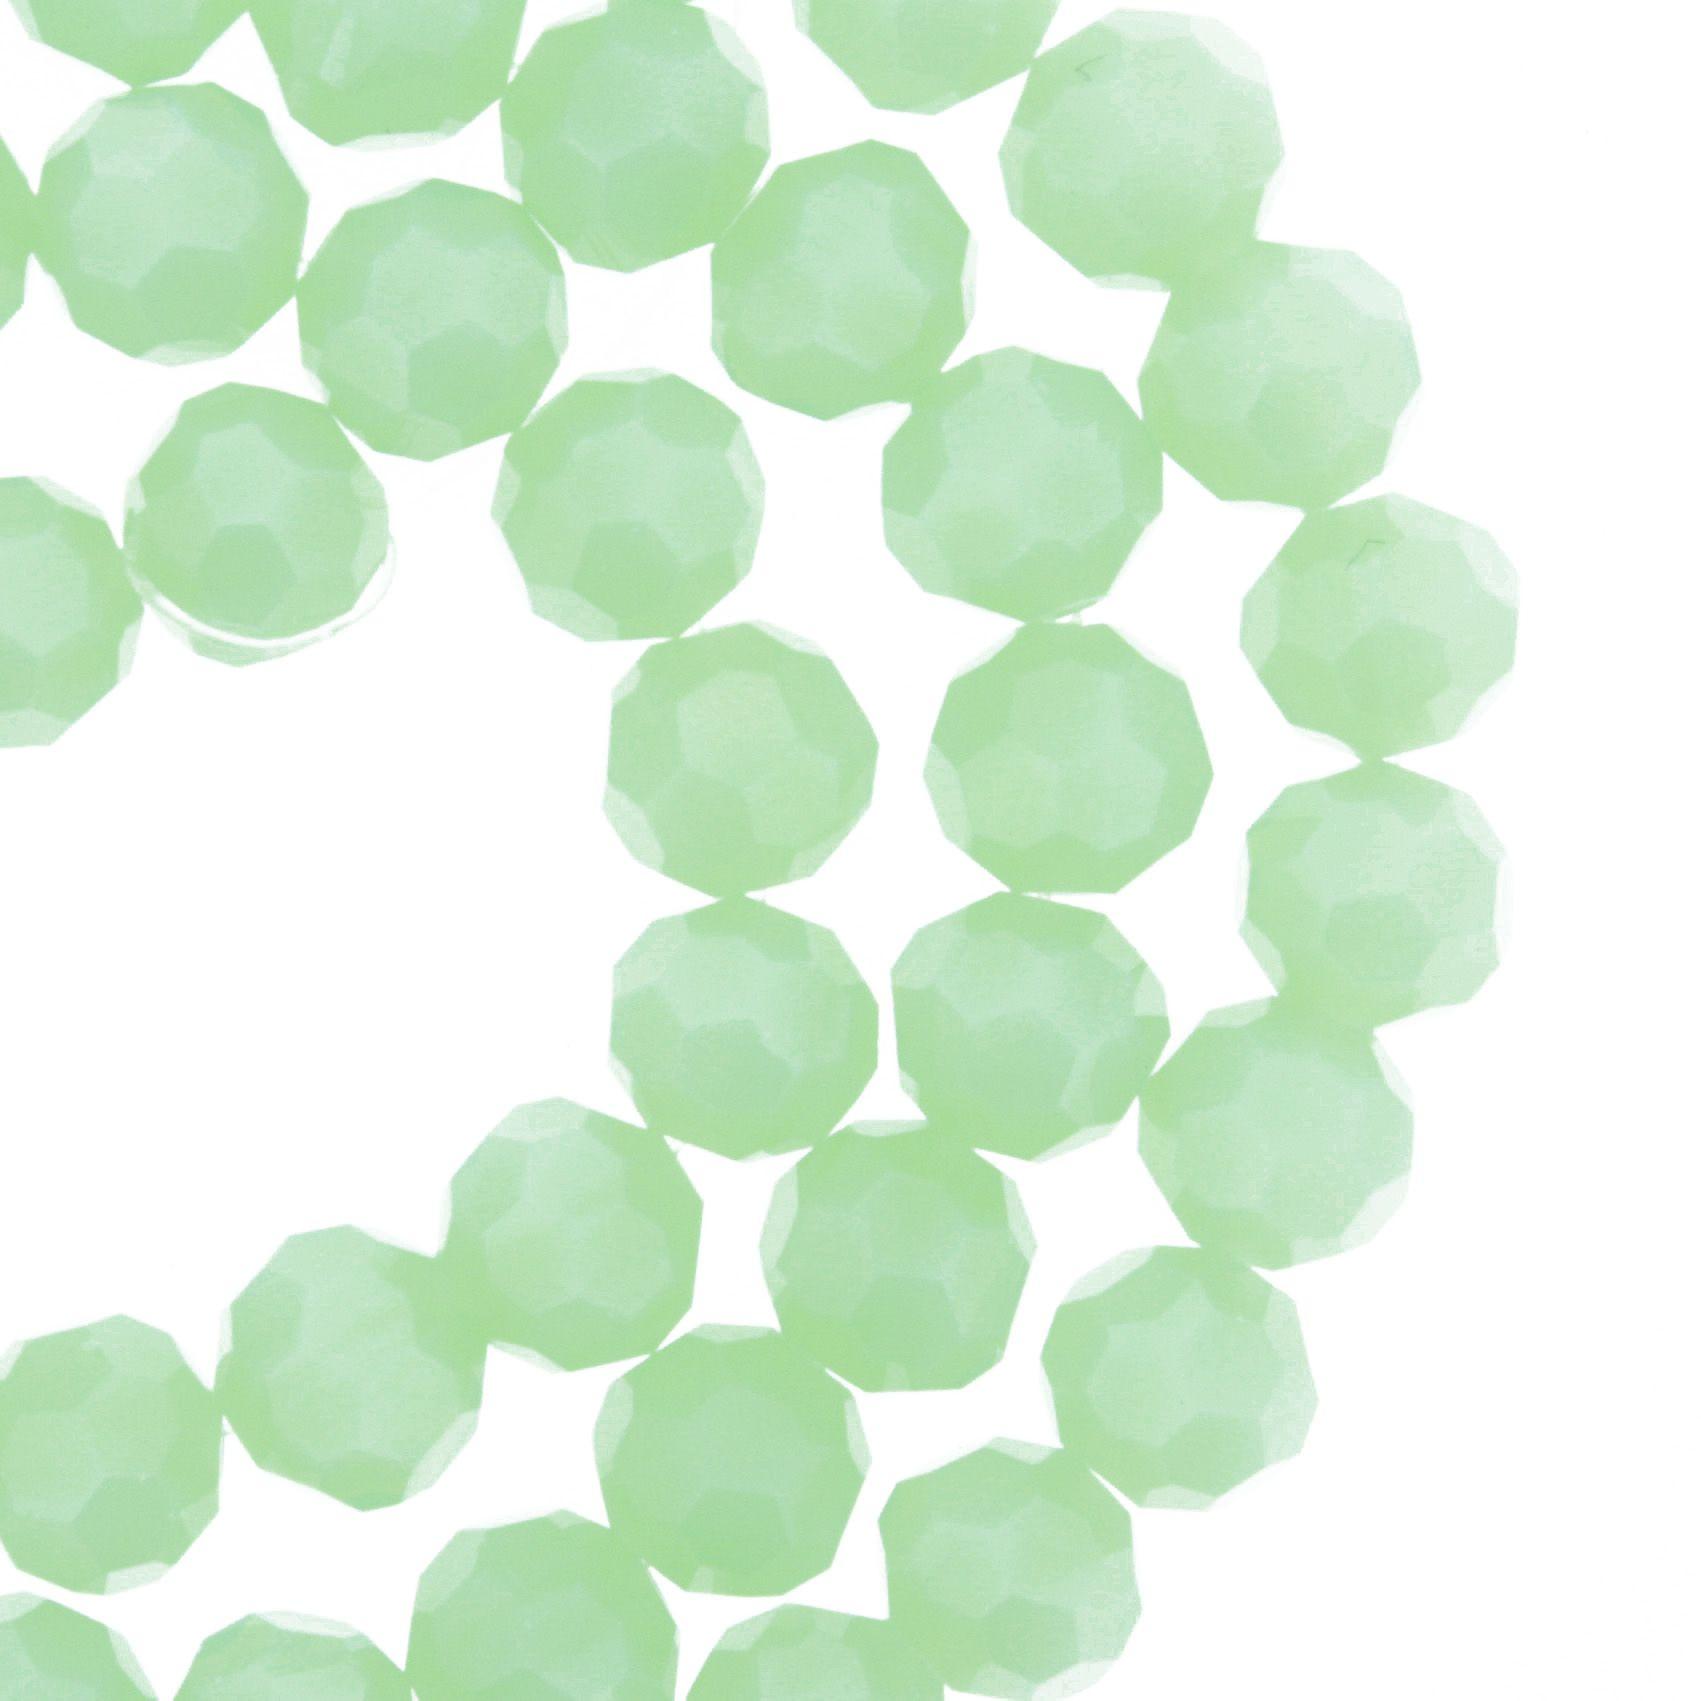 Fio de Cristal - Premium® - Verde Claro - 8mm  - Stéphanie Bijoux® - Peças para Bijuterias e Artesanato